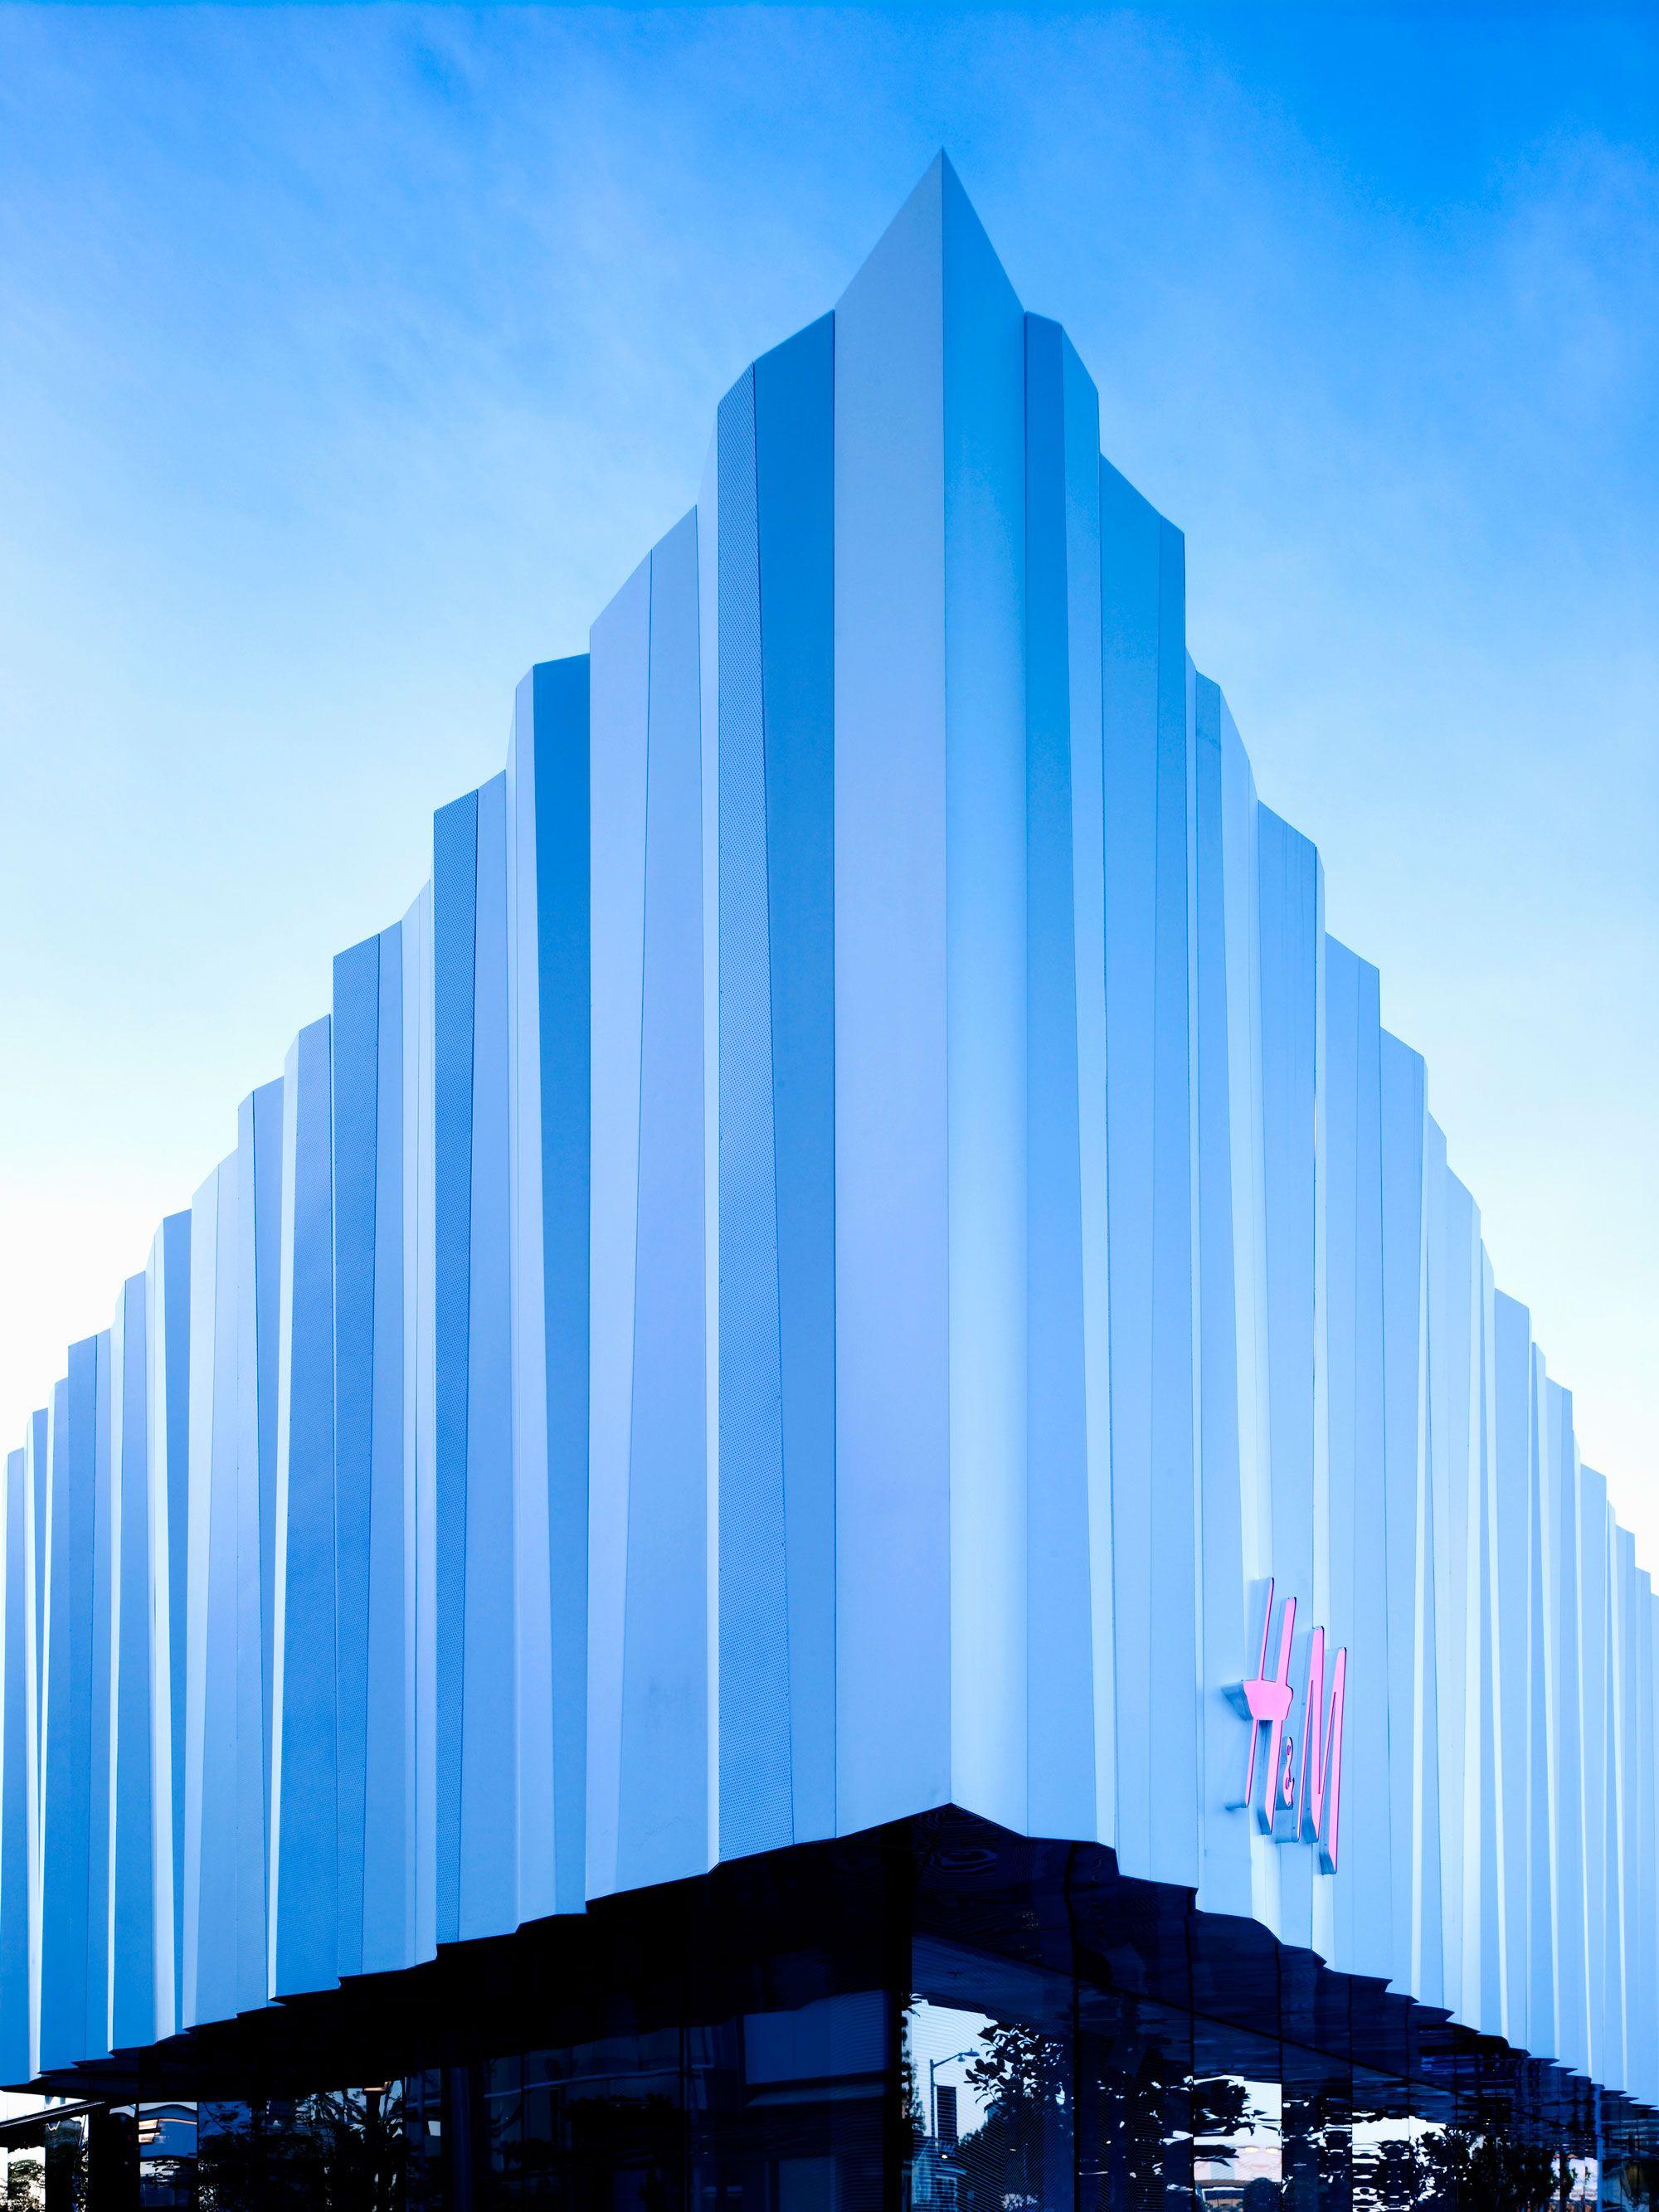 Facade: Mall Facade, Retail Facade